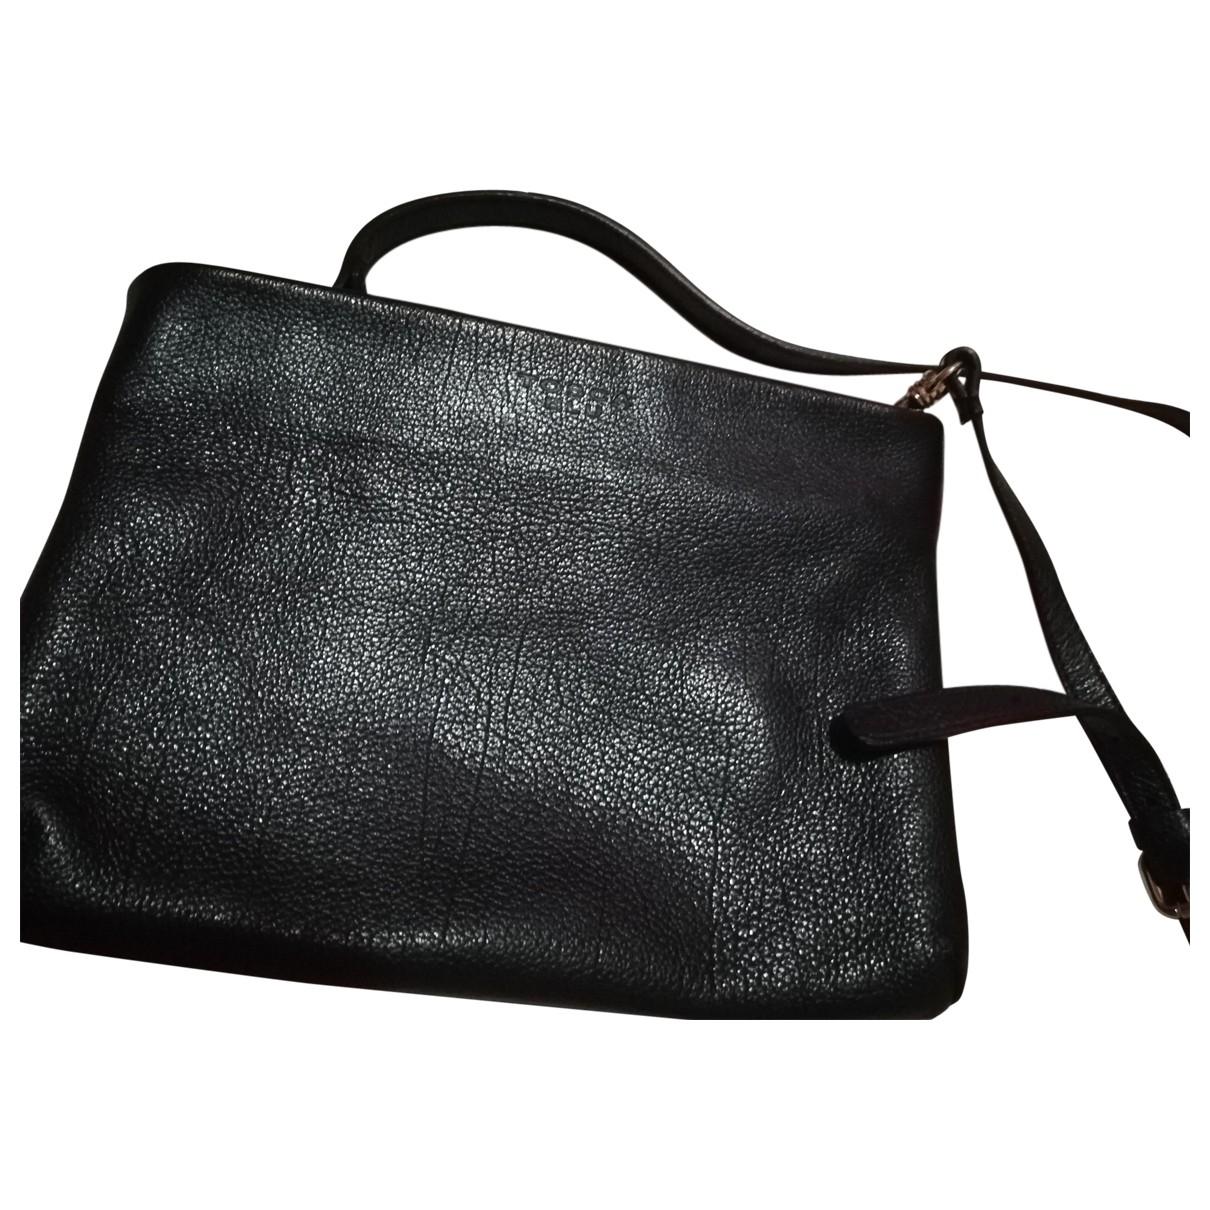 Tosca Blu \N Black Leather Clutch bag for Women \N